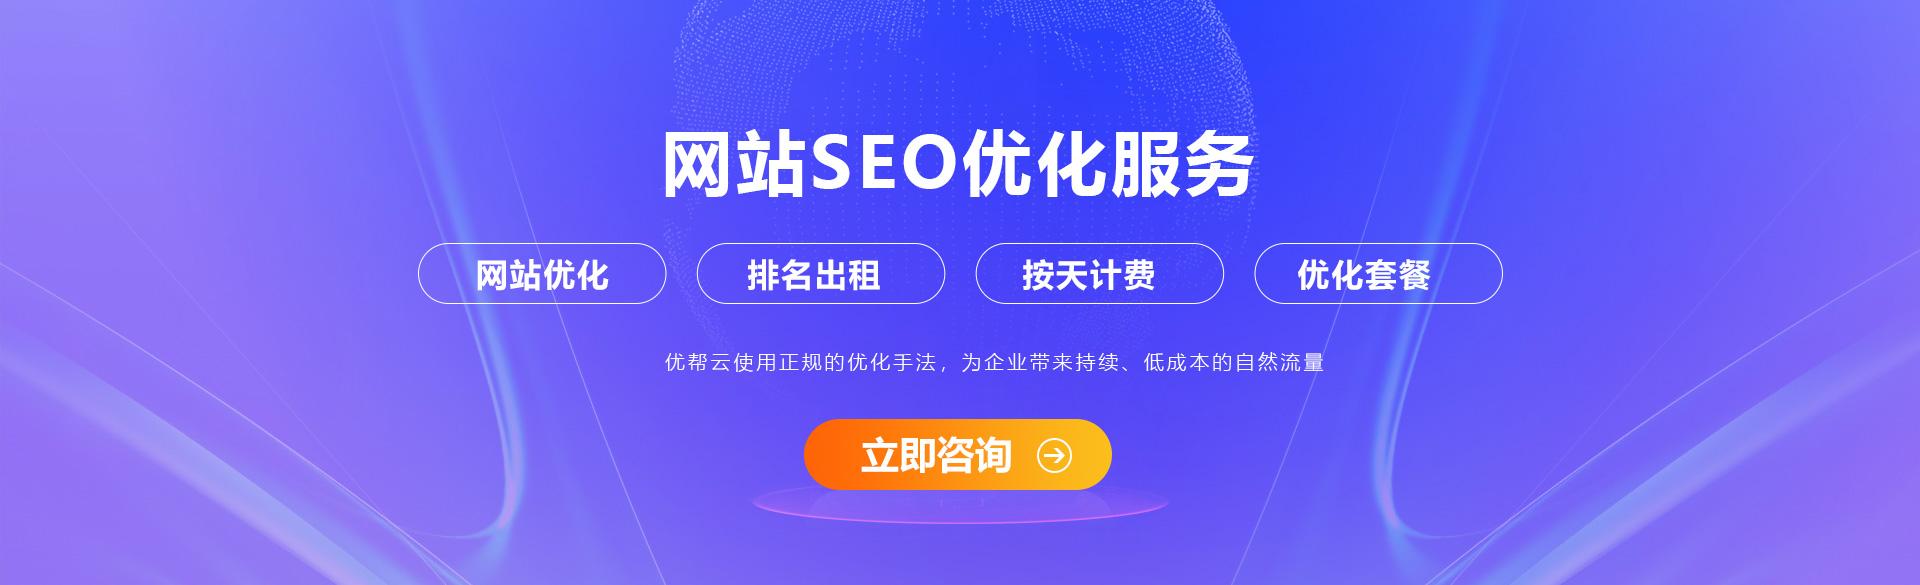 优帮云SEO智能优化服务平台,上词速度快、网站排名稳、优化效果好;覆盖面广、曝光量多、不限点击;先上排名后扣费  非首页不扣费!